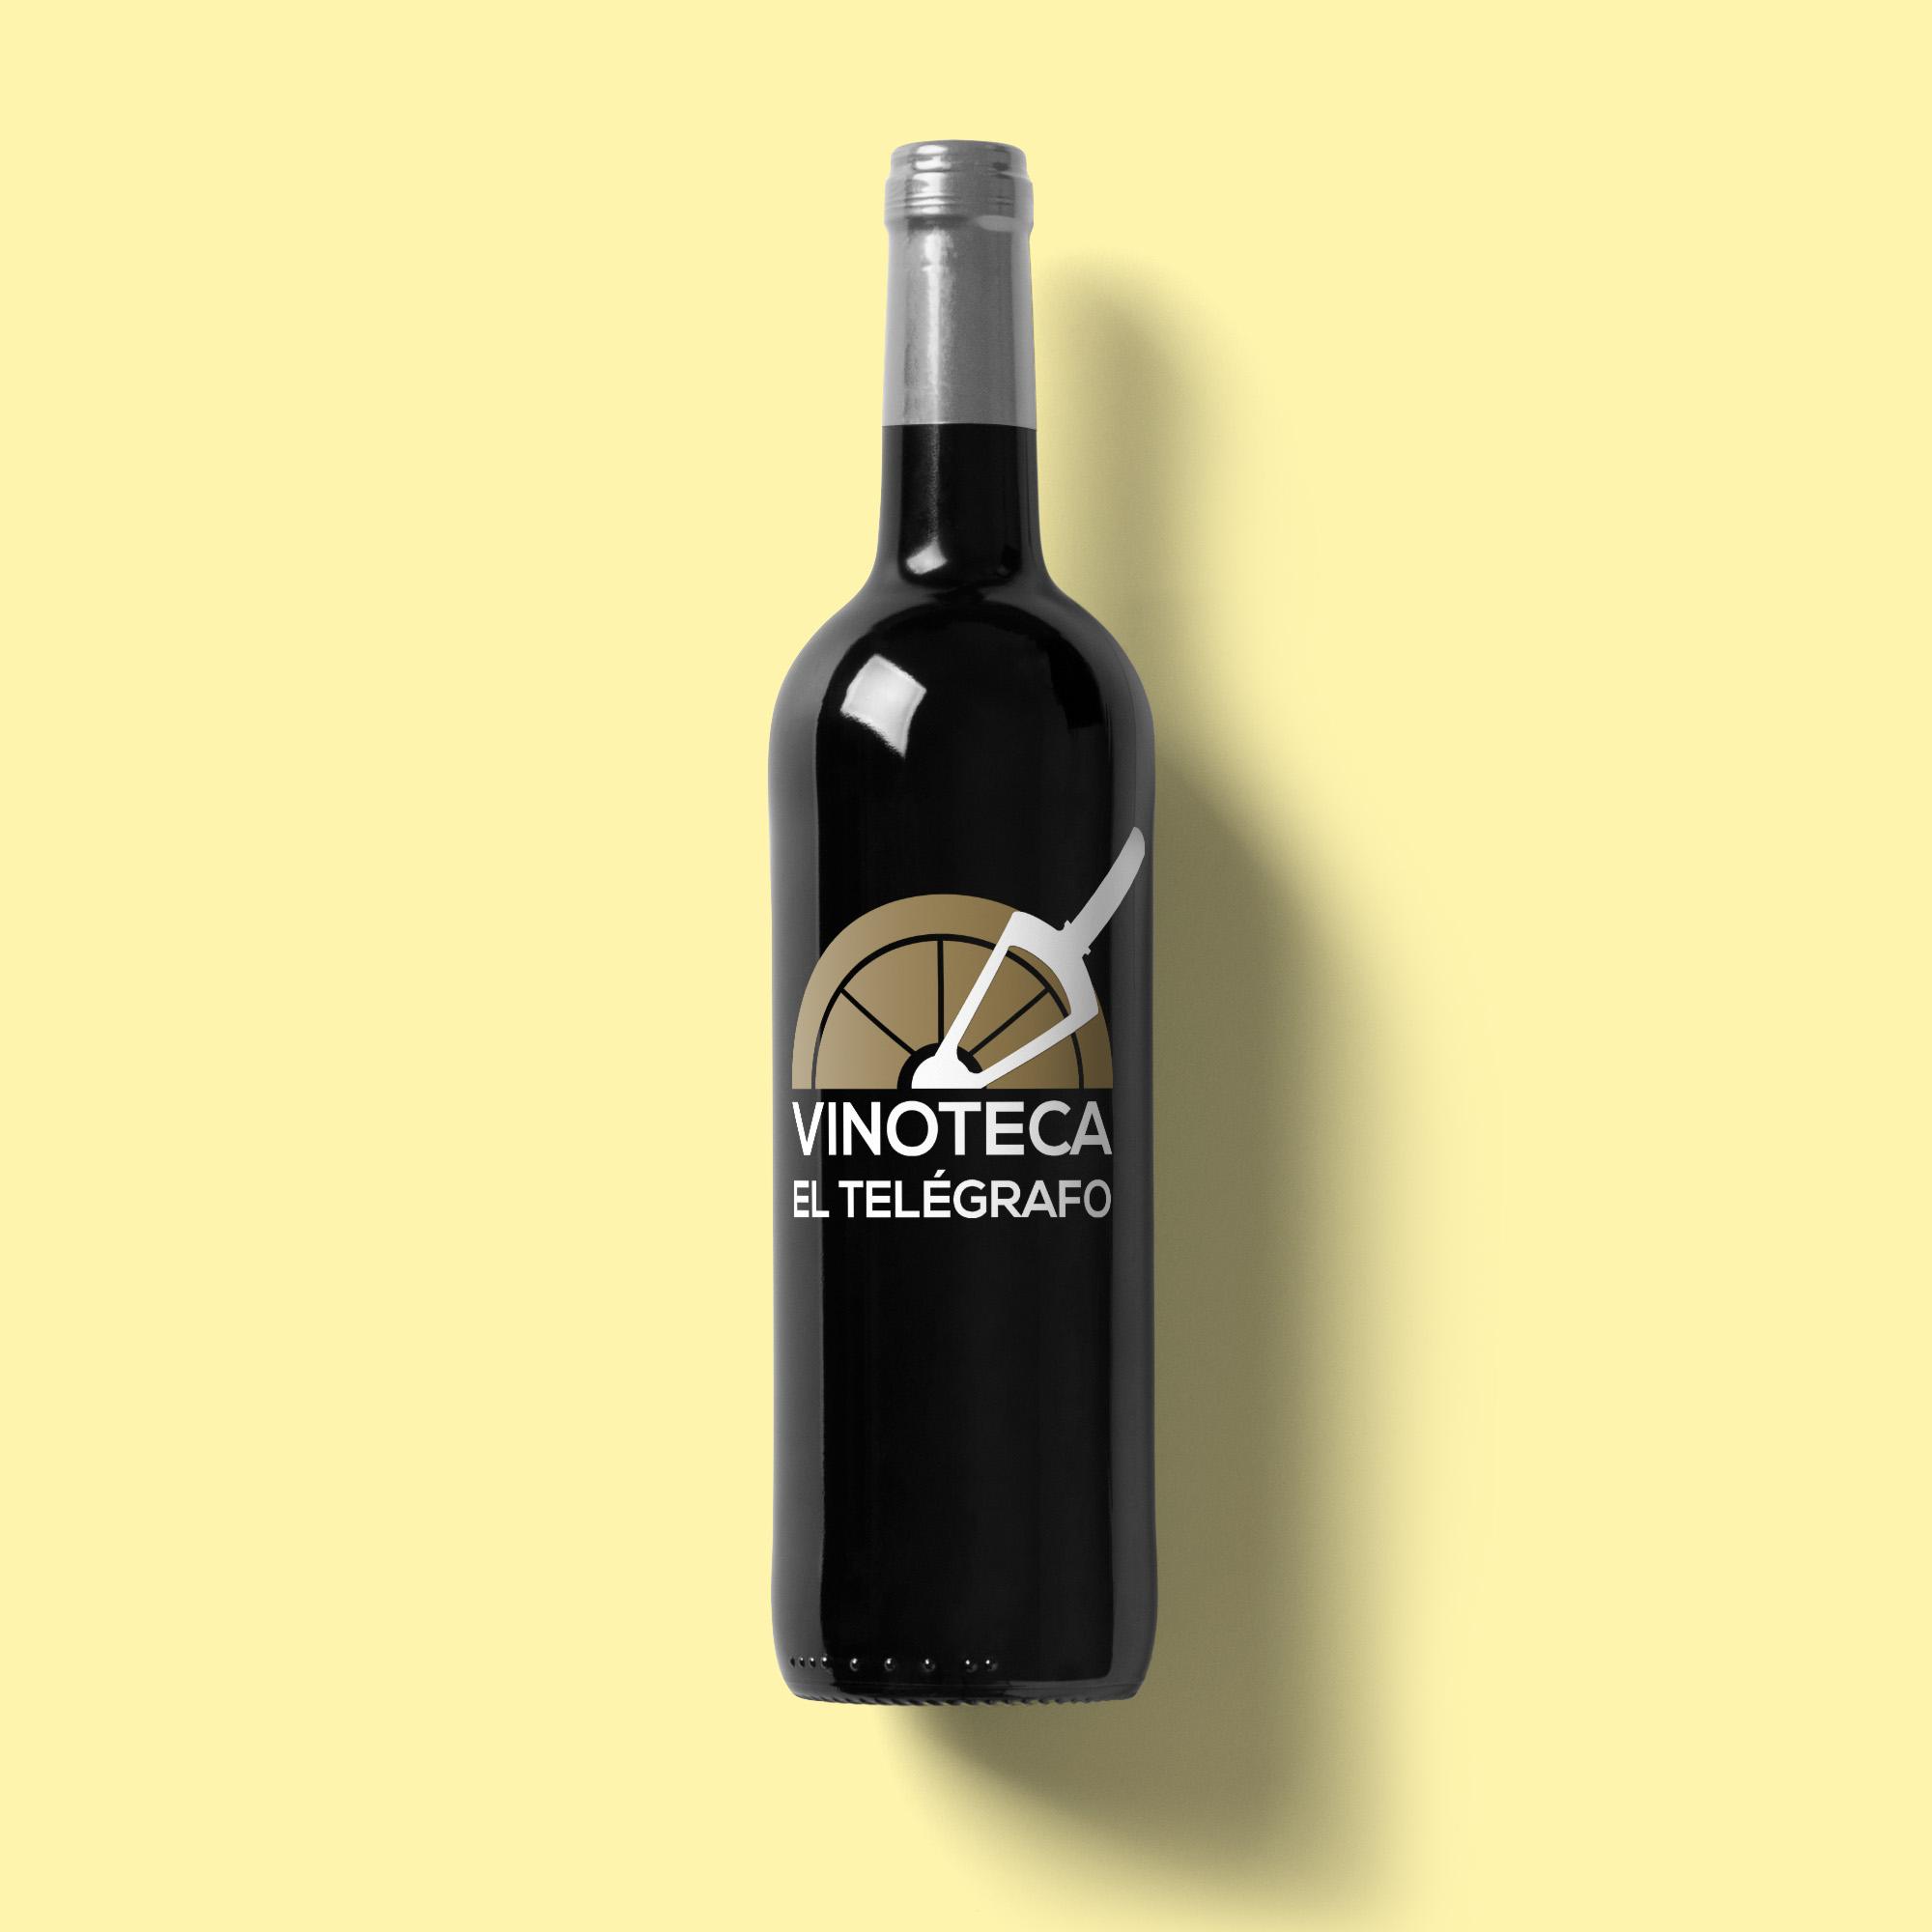 Vinoteca branding